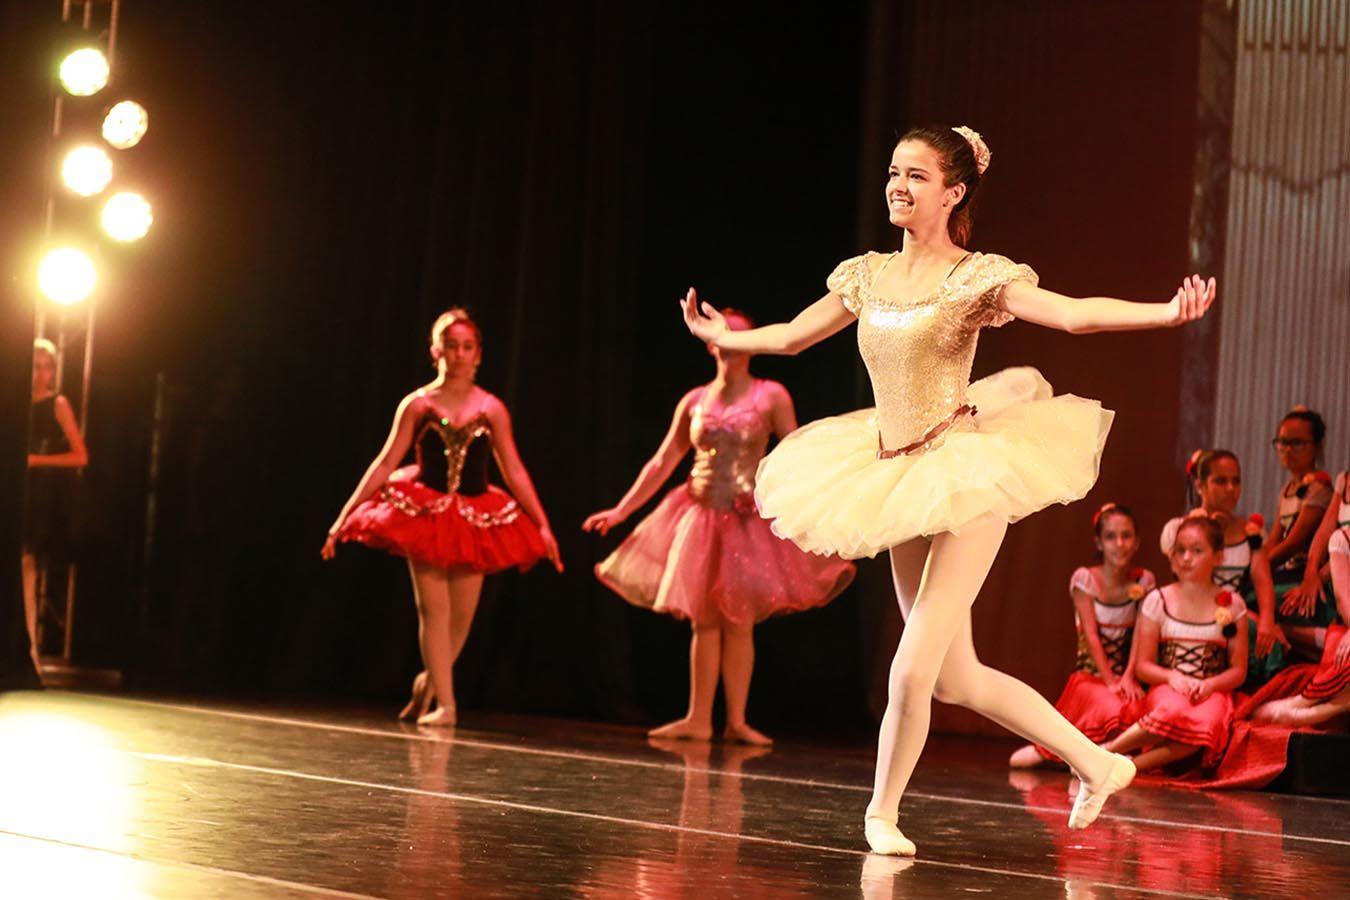 Eine Schülerin tritt bei einer Ballet Aufführung auf